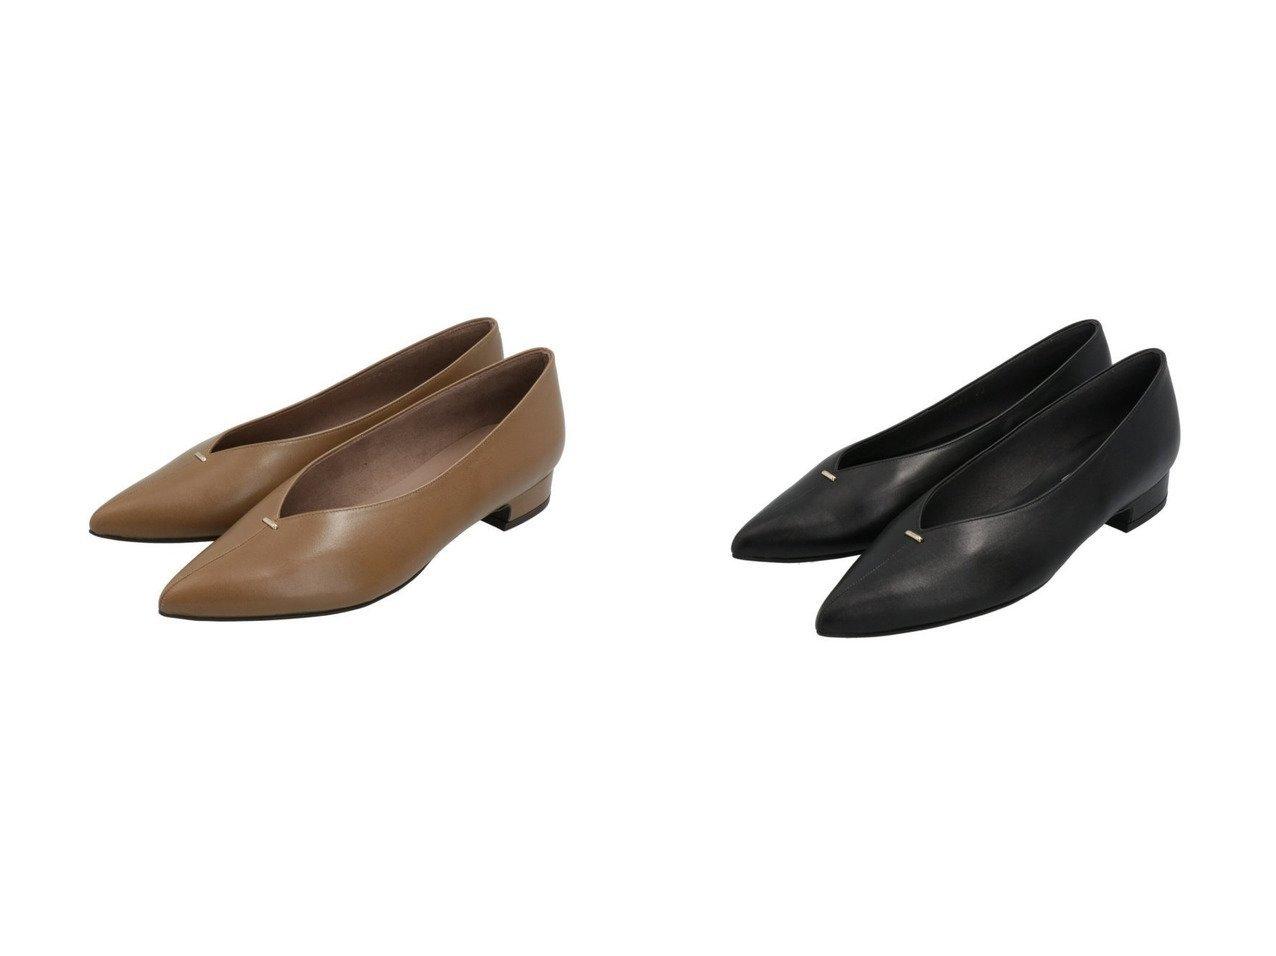 【GRISE/グリーズ】の2.5cm レザーハイバンプフラット FT22-25&【Le Talon/ル タロン】の2.5cm レザーハイバンプフラット FT22-25 シューズ・靴のおすすめ!人気、トレンド・レディースファッションの通販  おすすめで人気の流行・トレンド、ファッションの通販商品 メンズファッション・キッズファッション・インテリア・家具・レディースファッション・服の通販 founy(ファニー) https://founy.com/ ファッション Fashion レディースファッション WOMEN 2020年 2020 2020-2021 秋冬 A/W AW Autumn/Winter / FW Fall-Winter 2020-2021 A/W 秋冬 AW Autumn/Winter / FW Fall-Winter インソール クッション シューズ ソックス タイツ フラット |ID:crp329100000009809